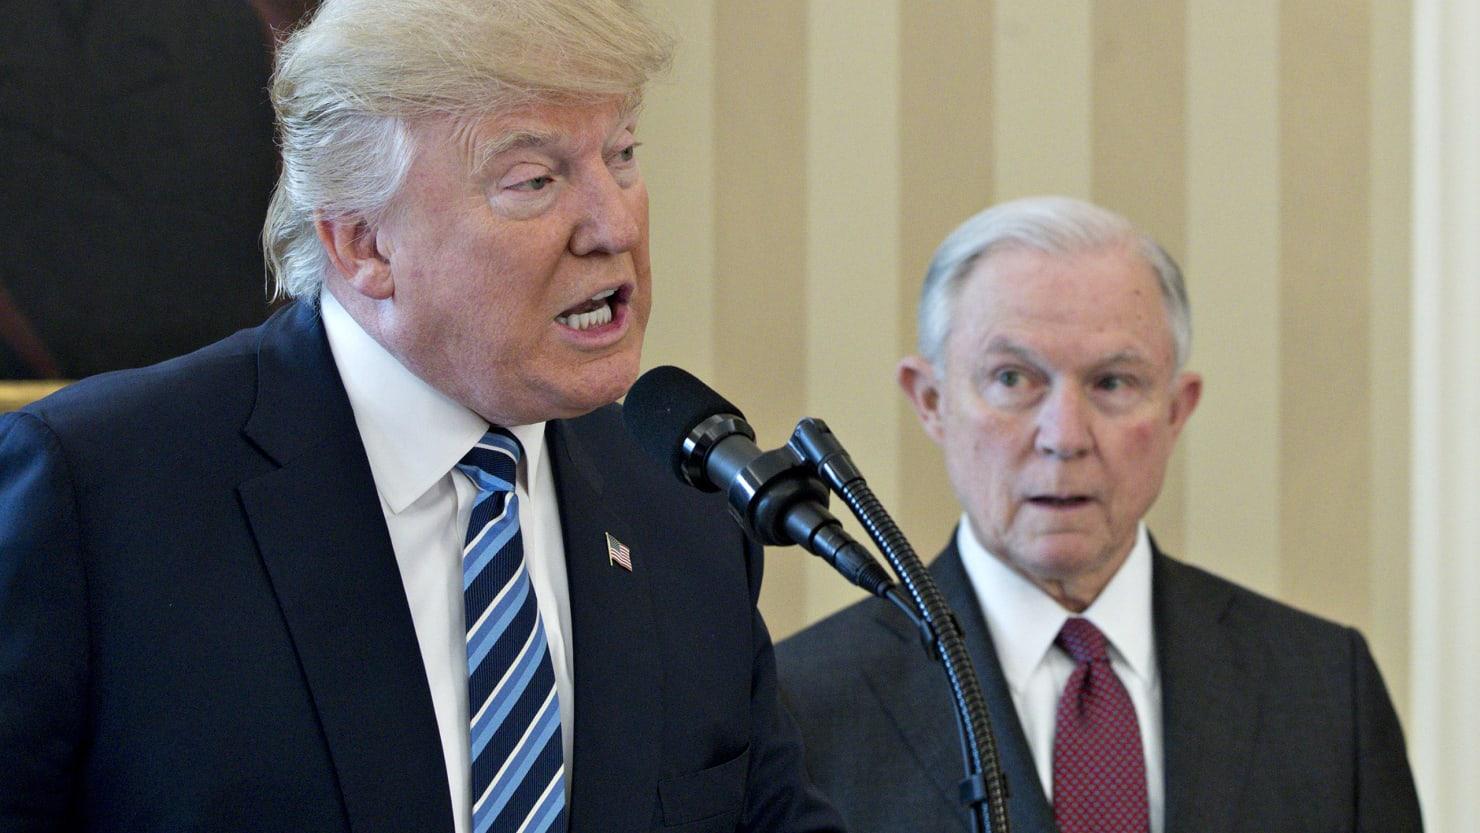 טראמפ קאמפיין פירער קעגן סעשאנס